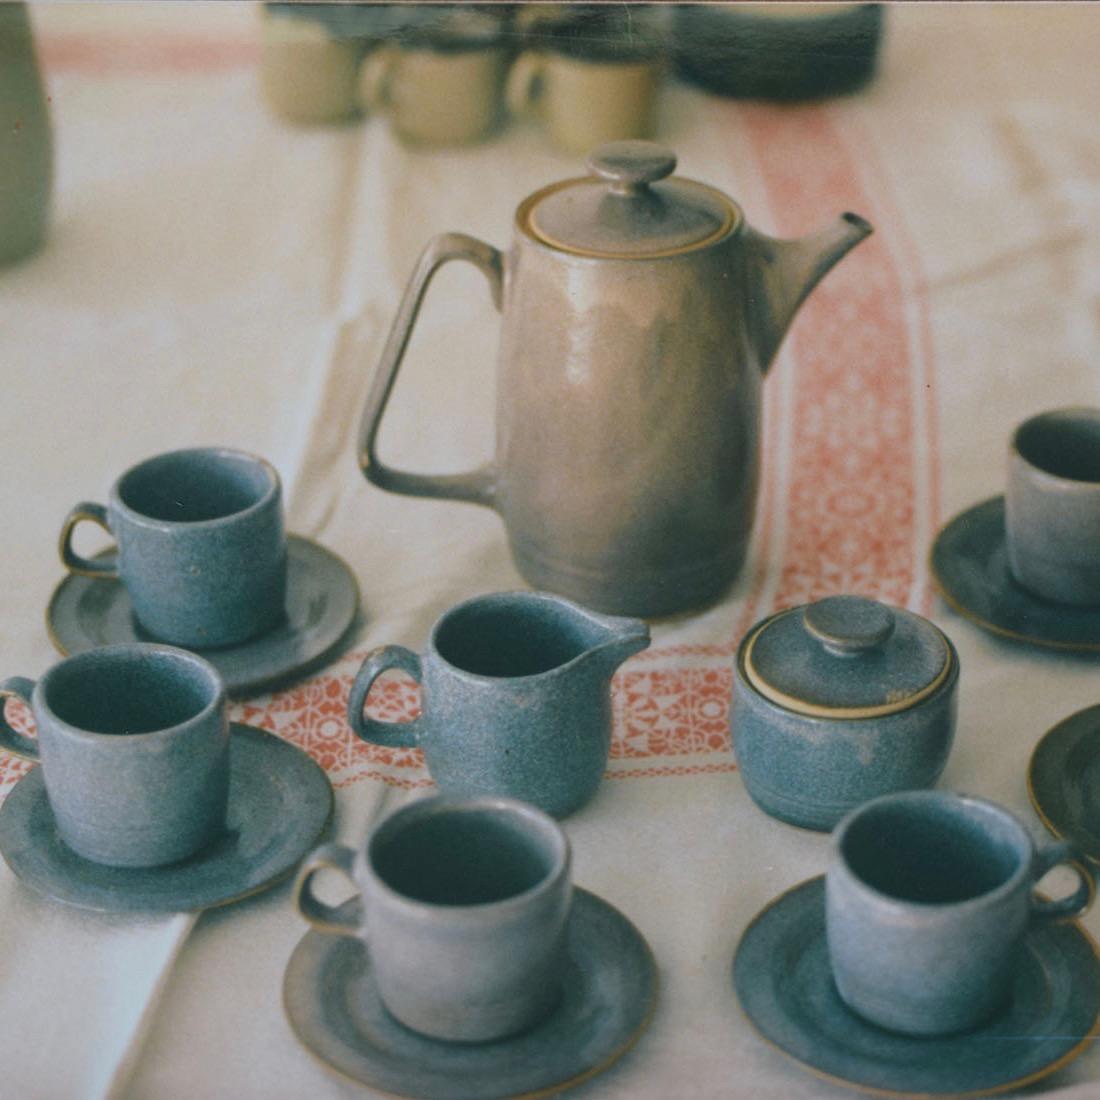 Cerámica / juegos de café y vajilla